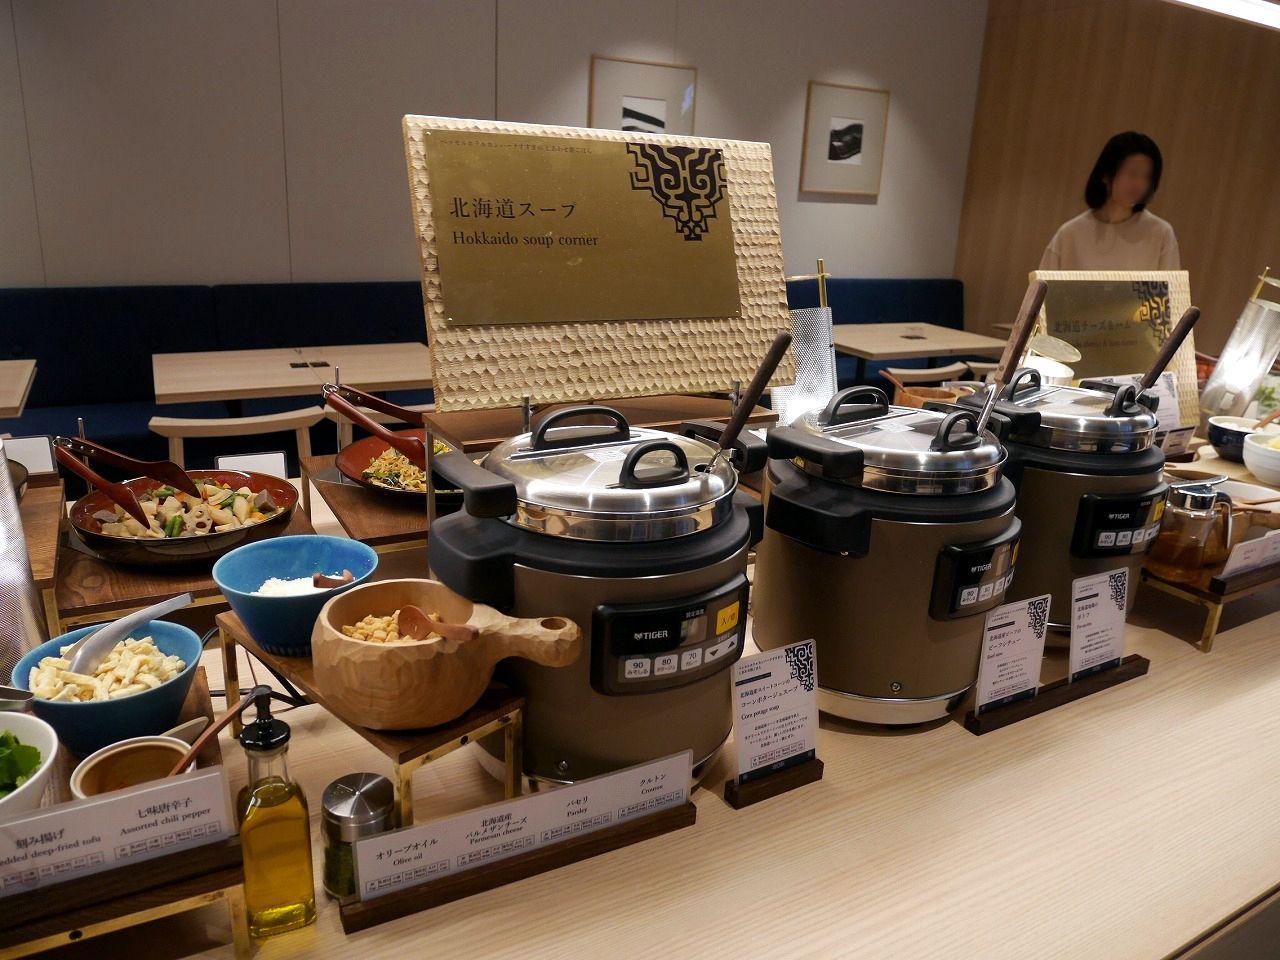 北海道グルメが並ぶ朝食ブッフェ